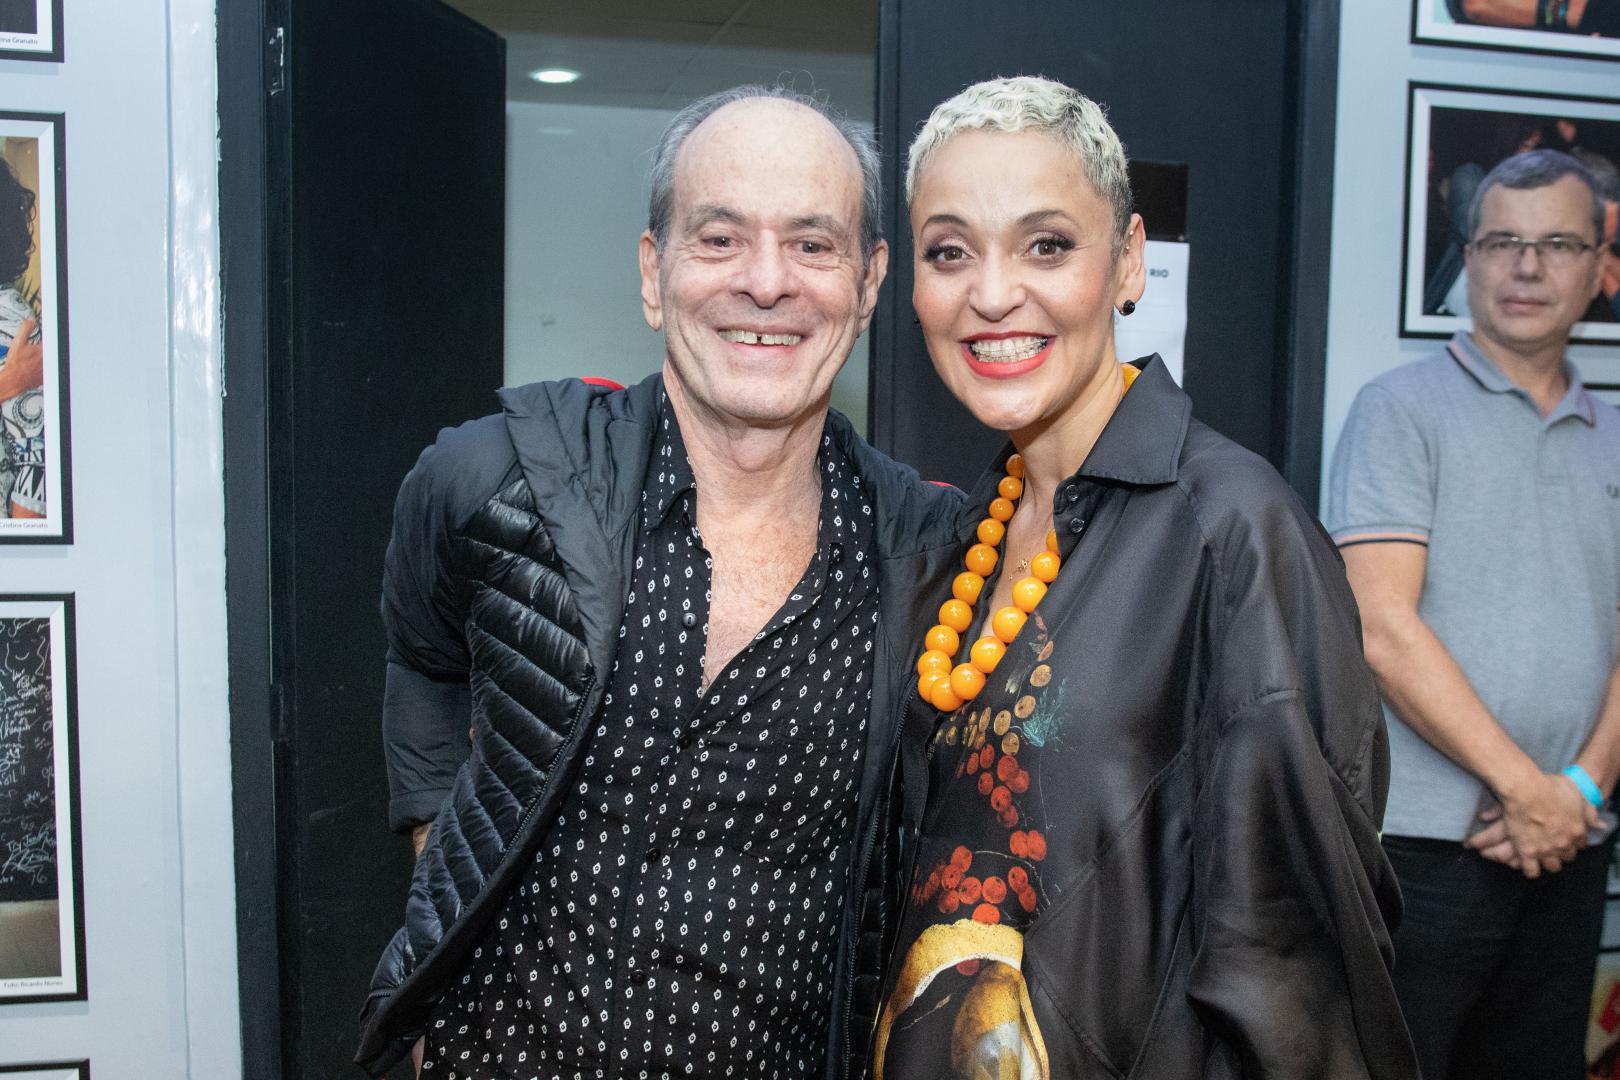 Cantora portuguesa Mariza reúne nomes importantes da MPB em seu show no Rio